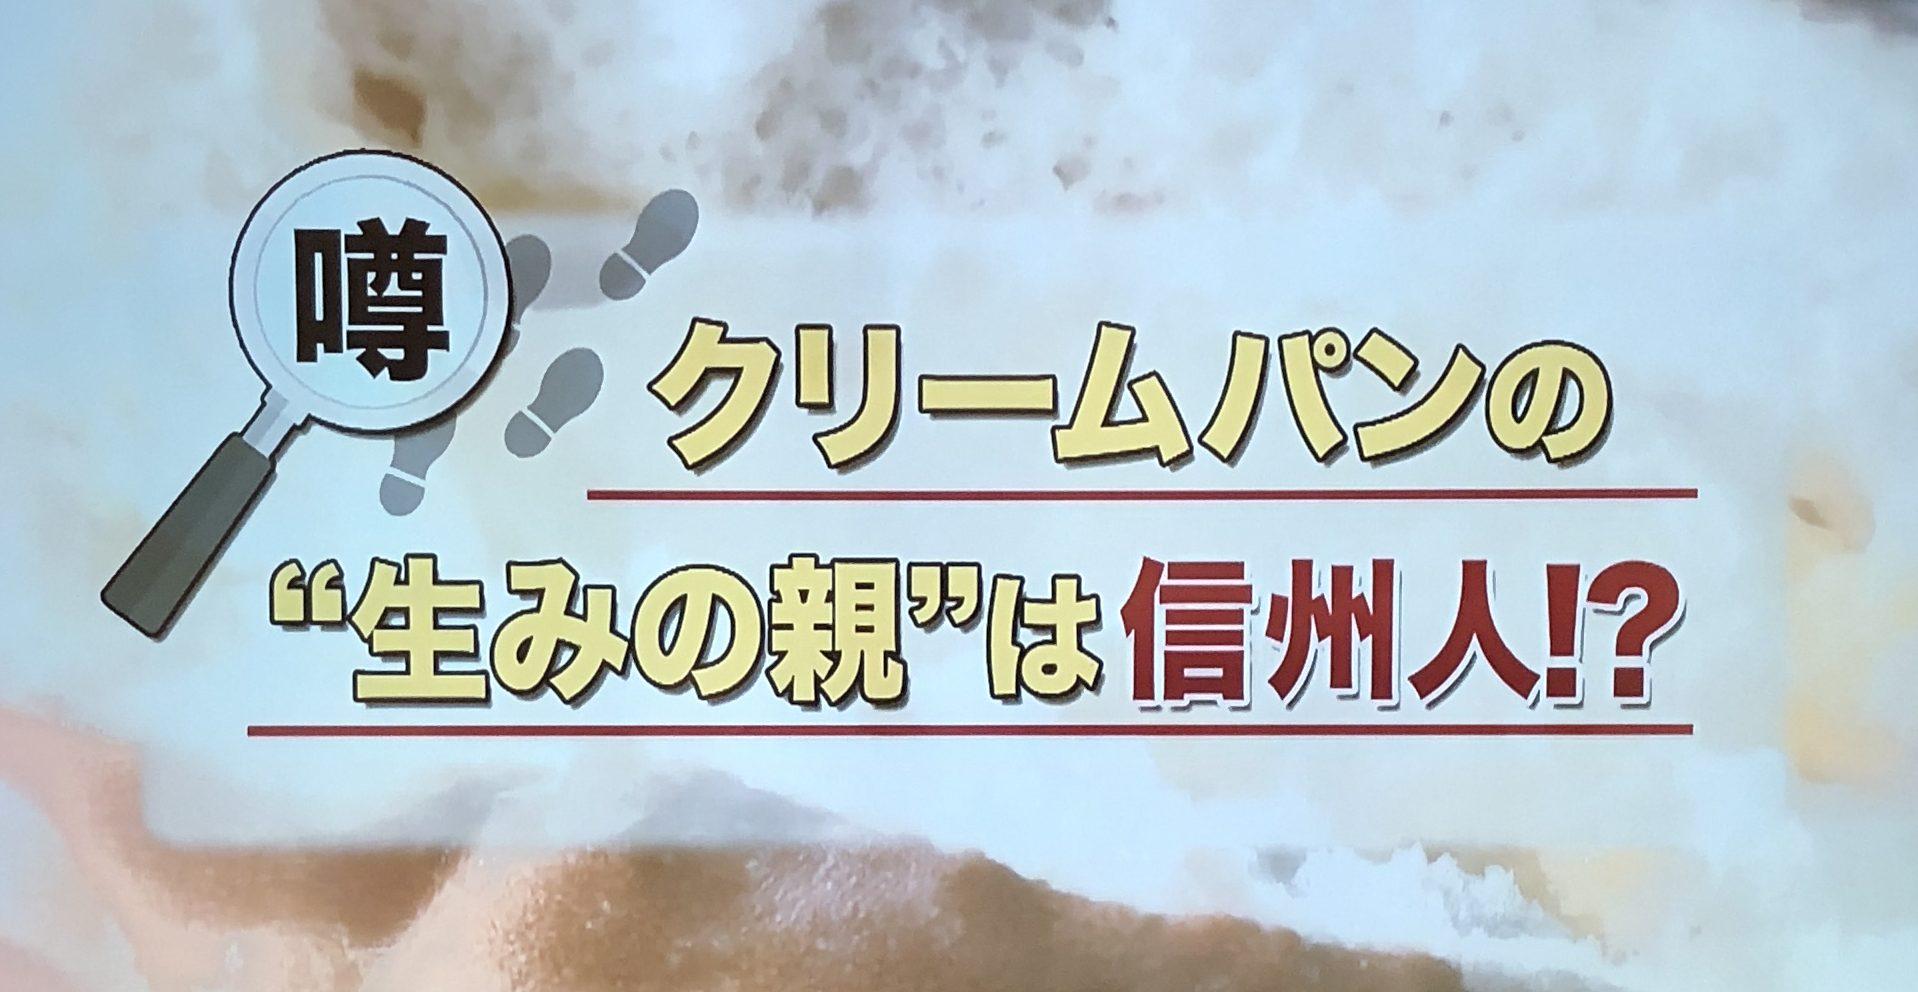 クリームパンの生みの親は長野県民?